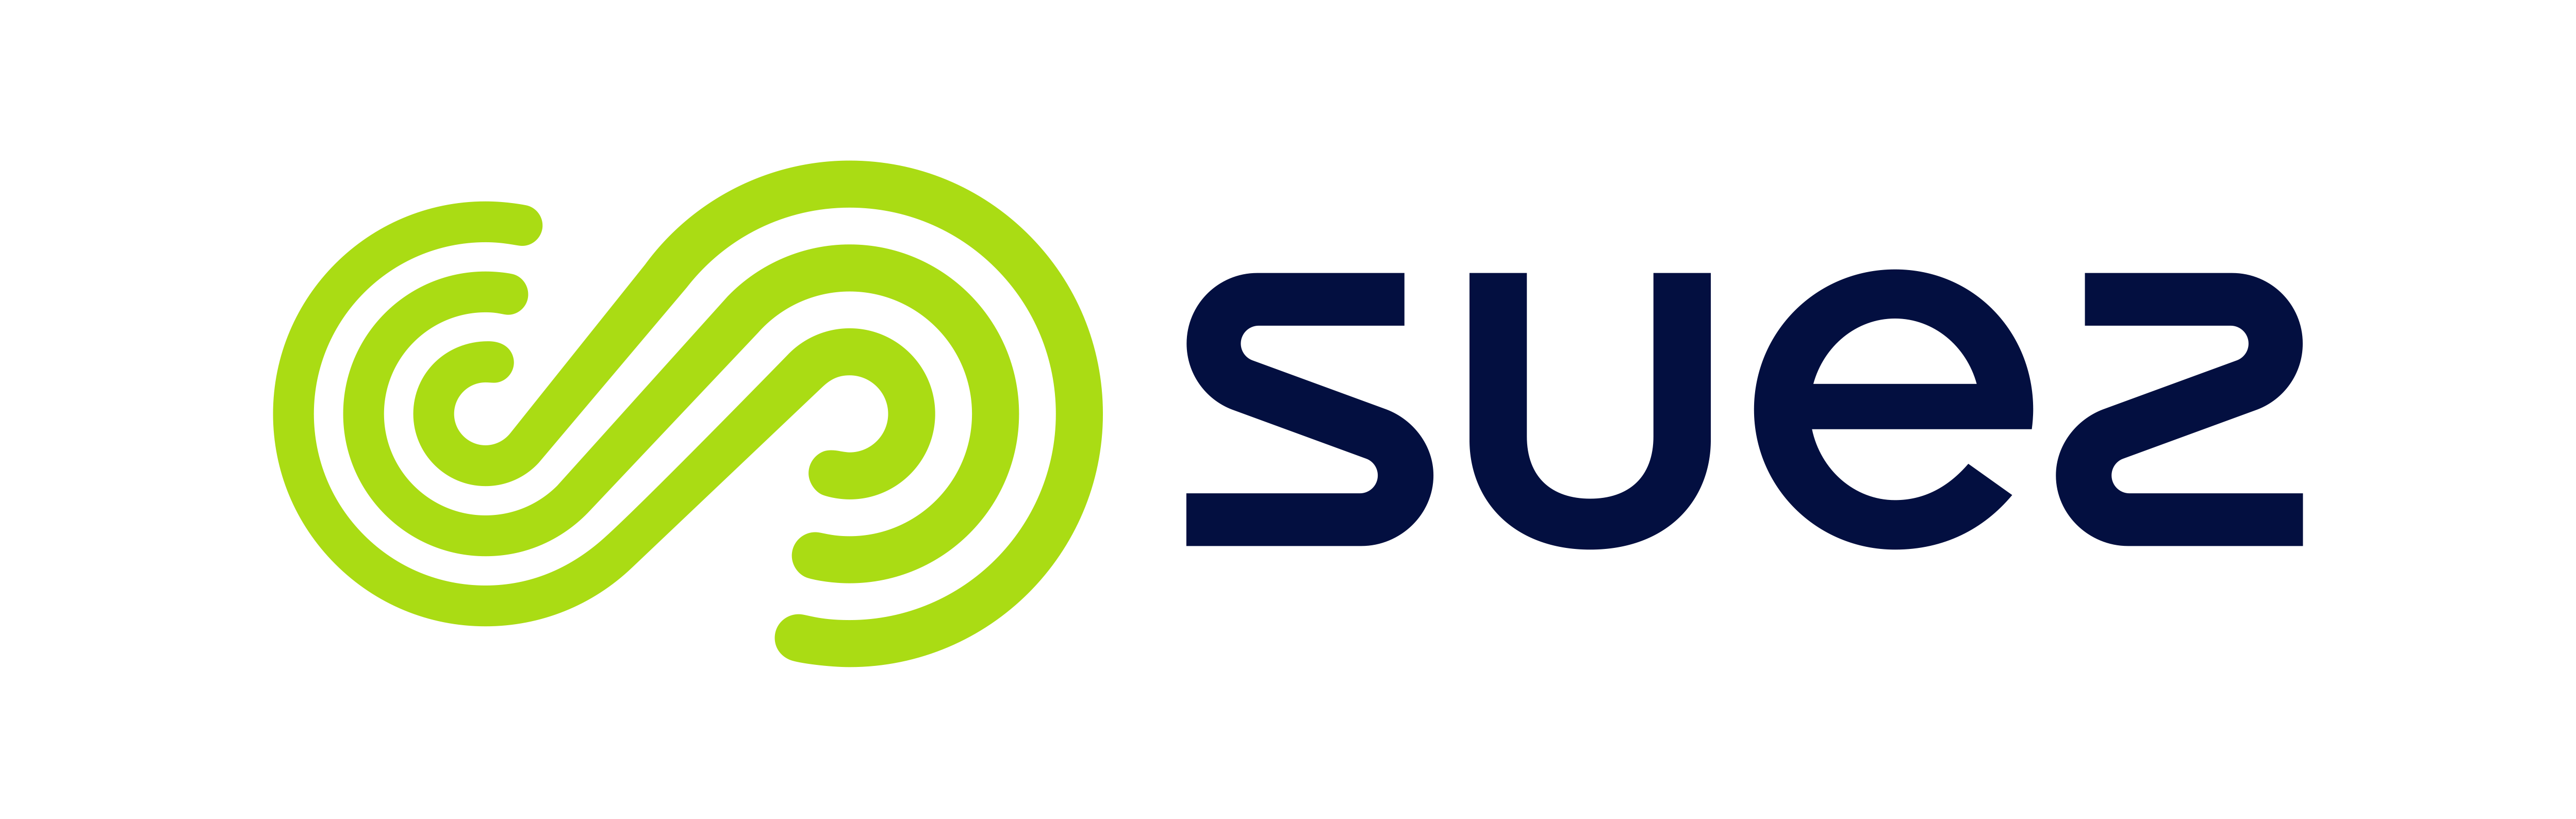 Participation dans Suez : Engie ne recule toujours pas